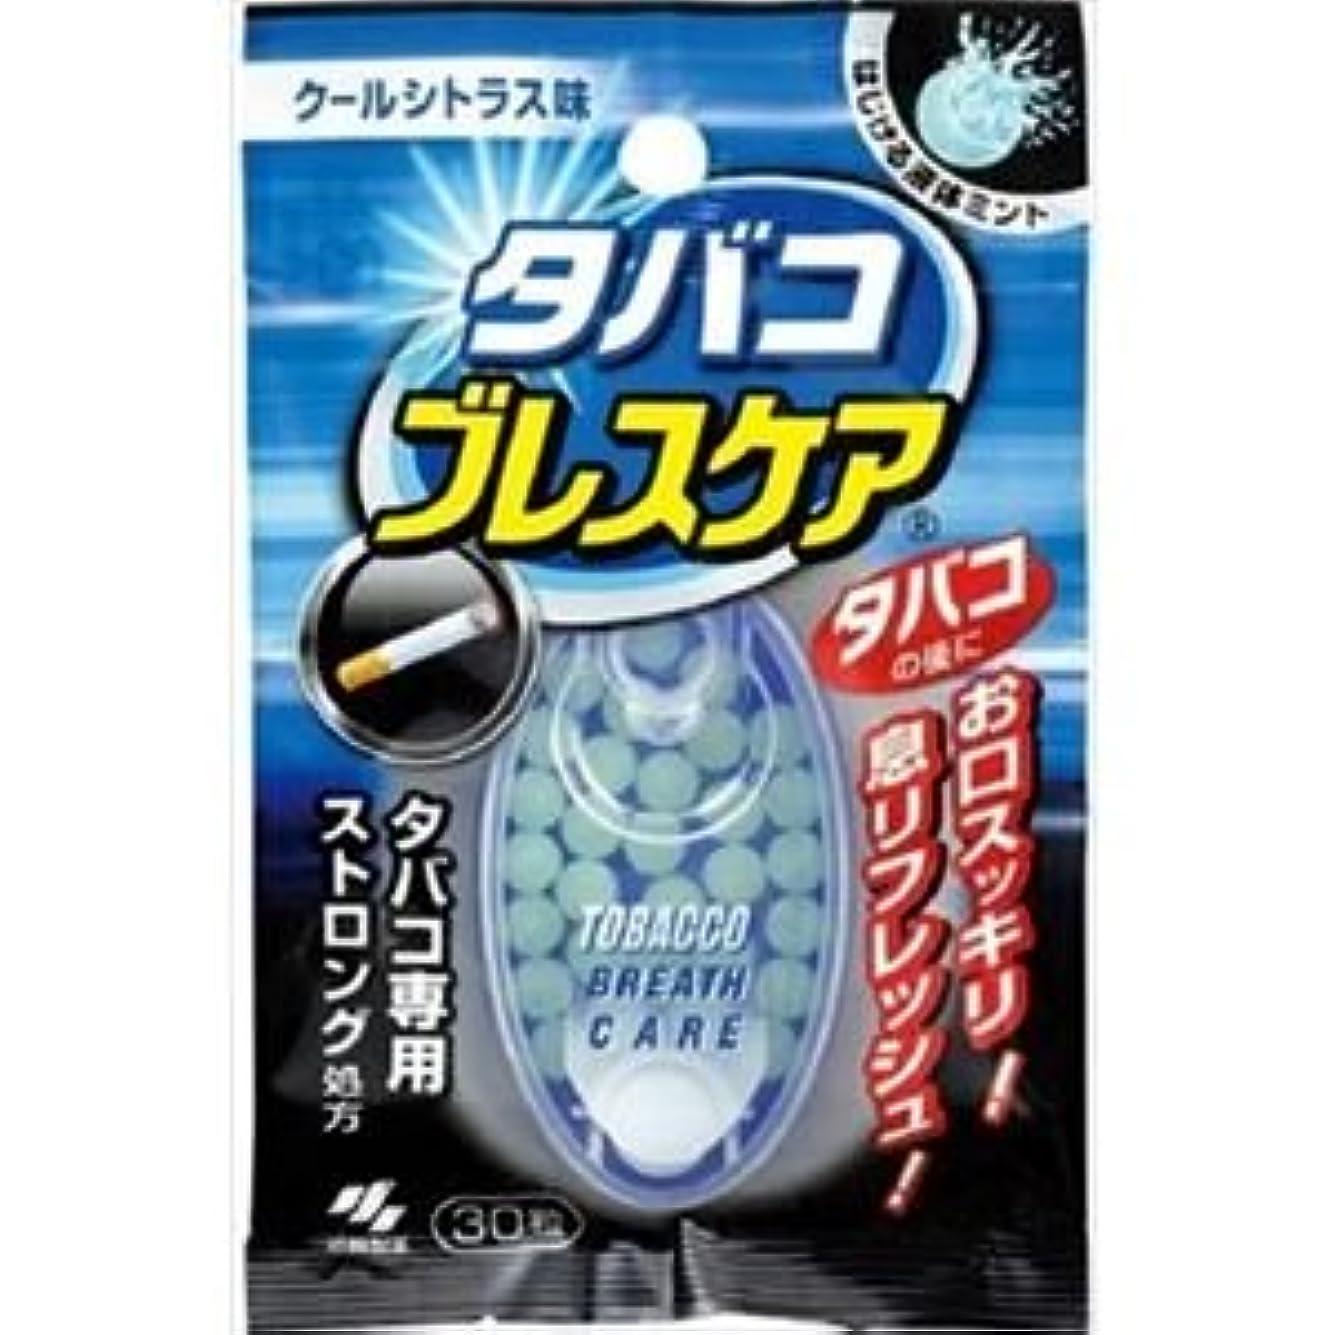 呪われた苦痛ラインナップ(まとめ)小林製薬 タバコブレスケア 30粒 【×6点セット】